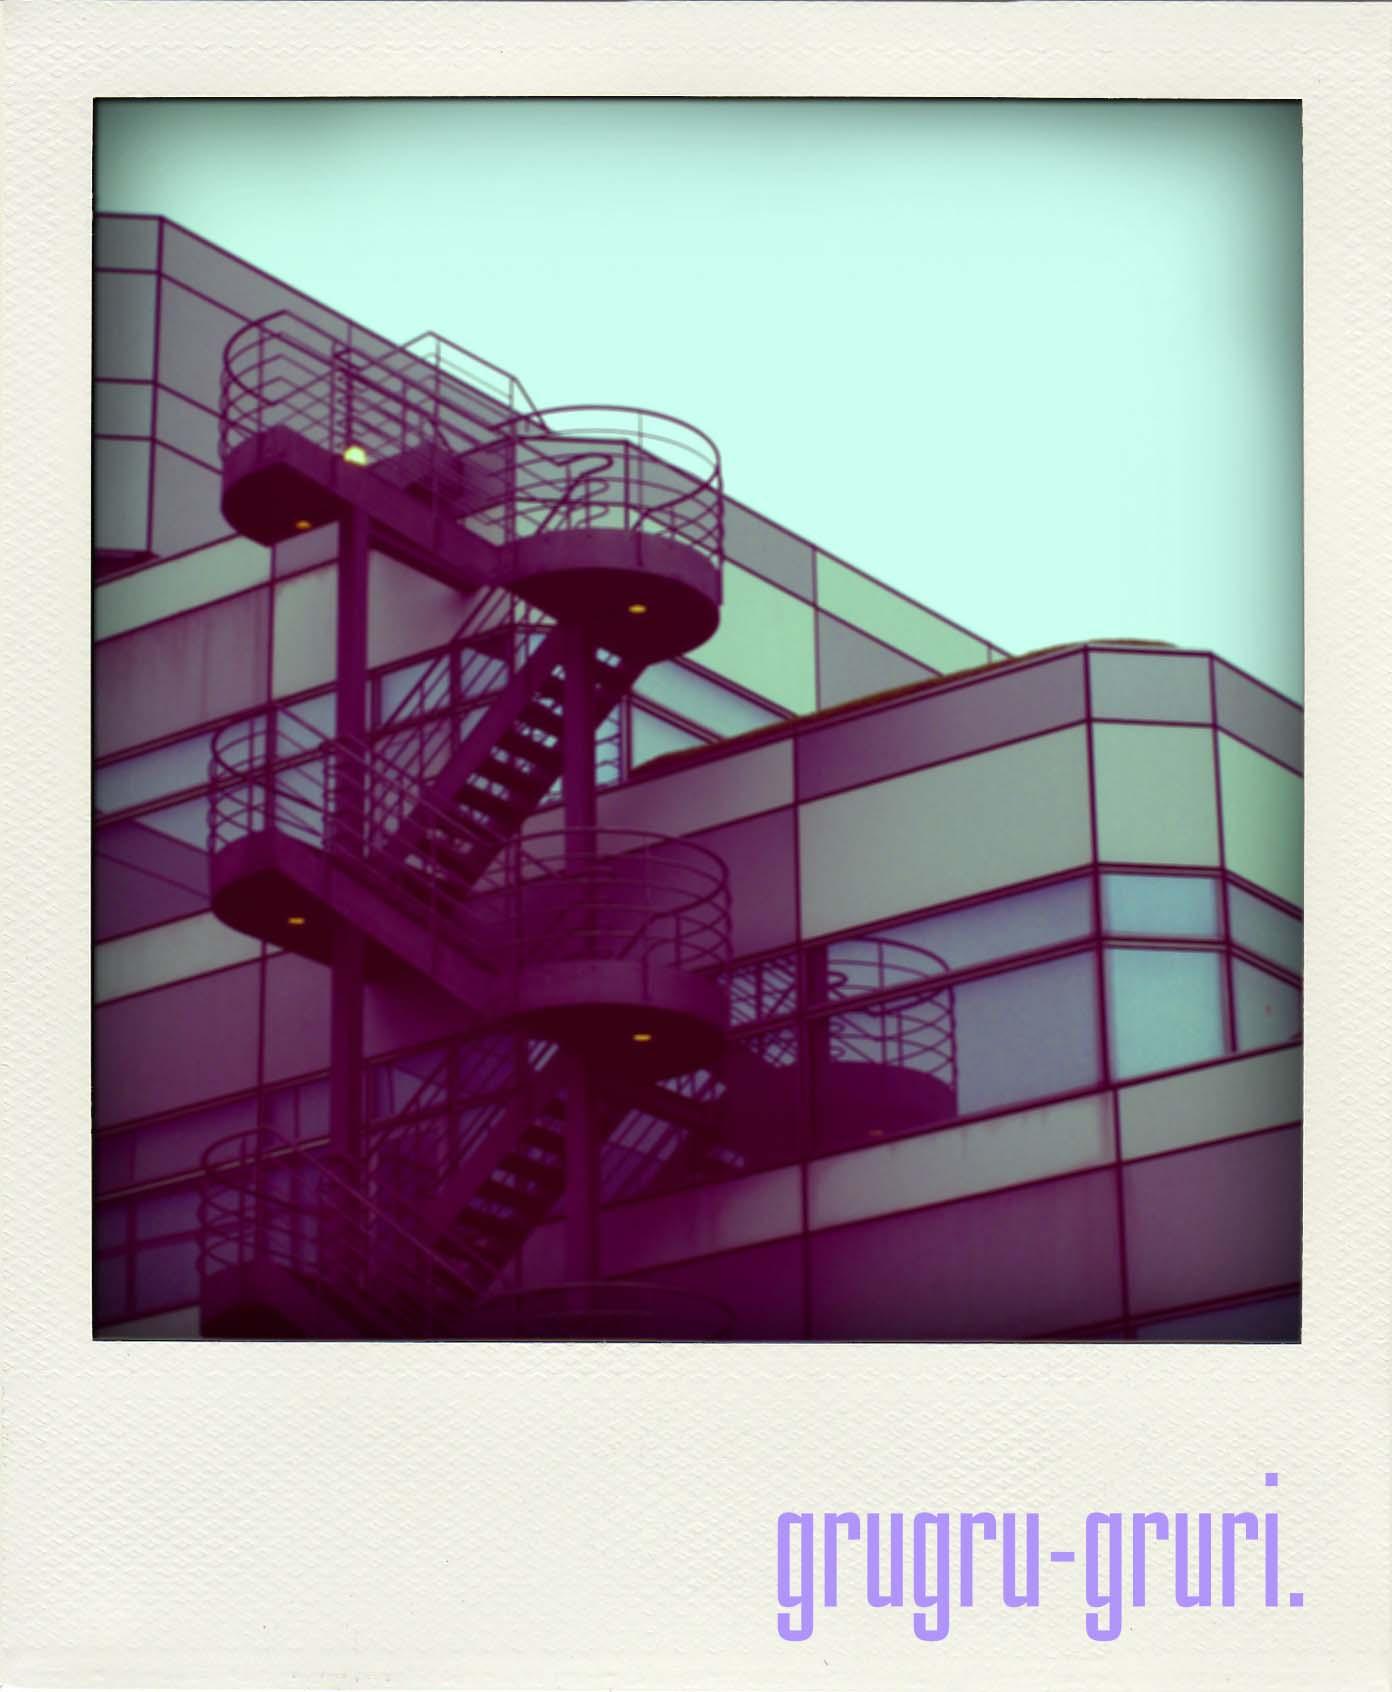 楕円の階段